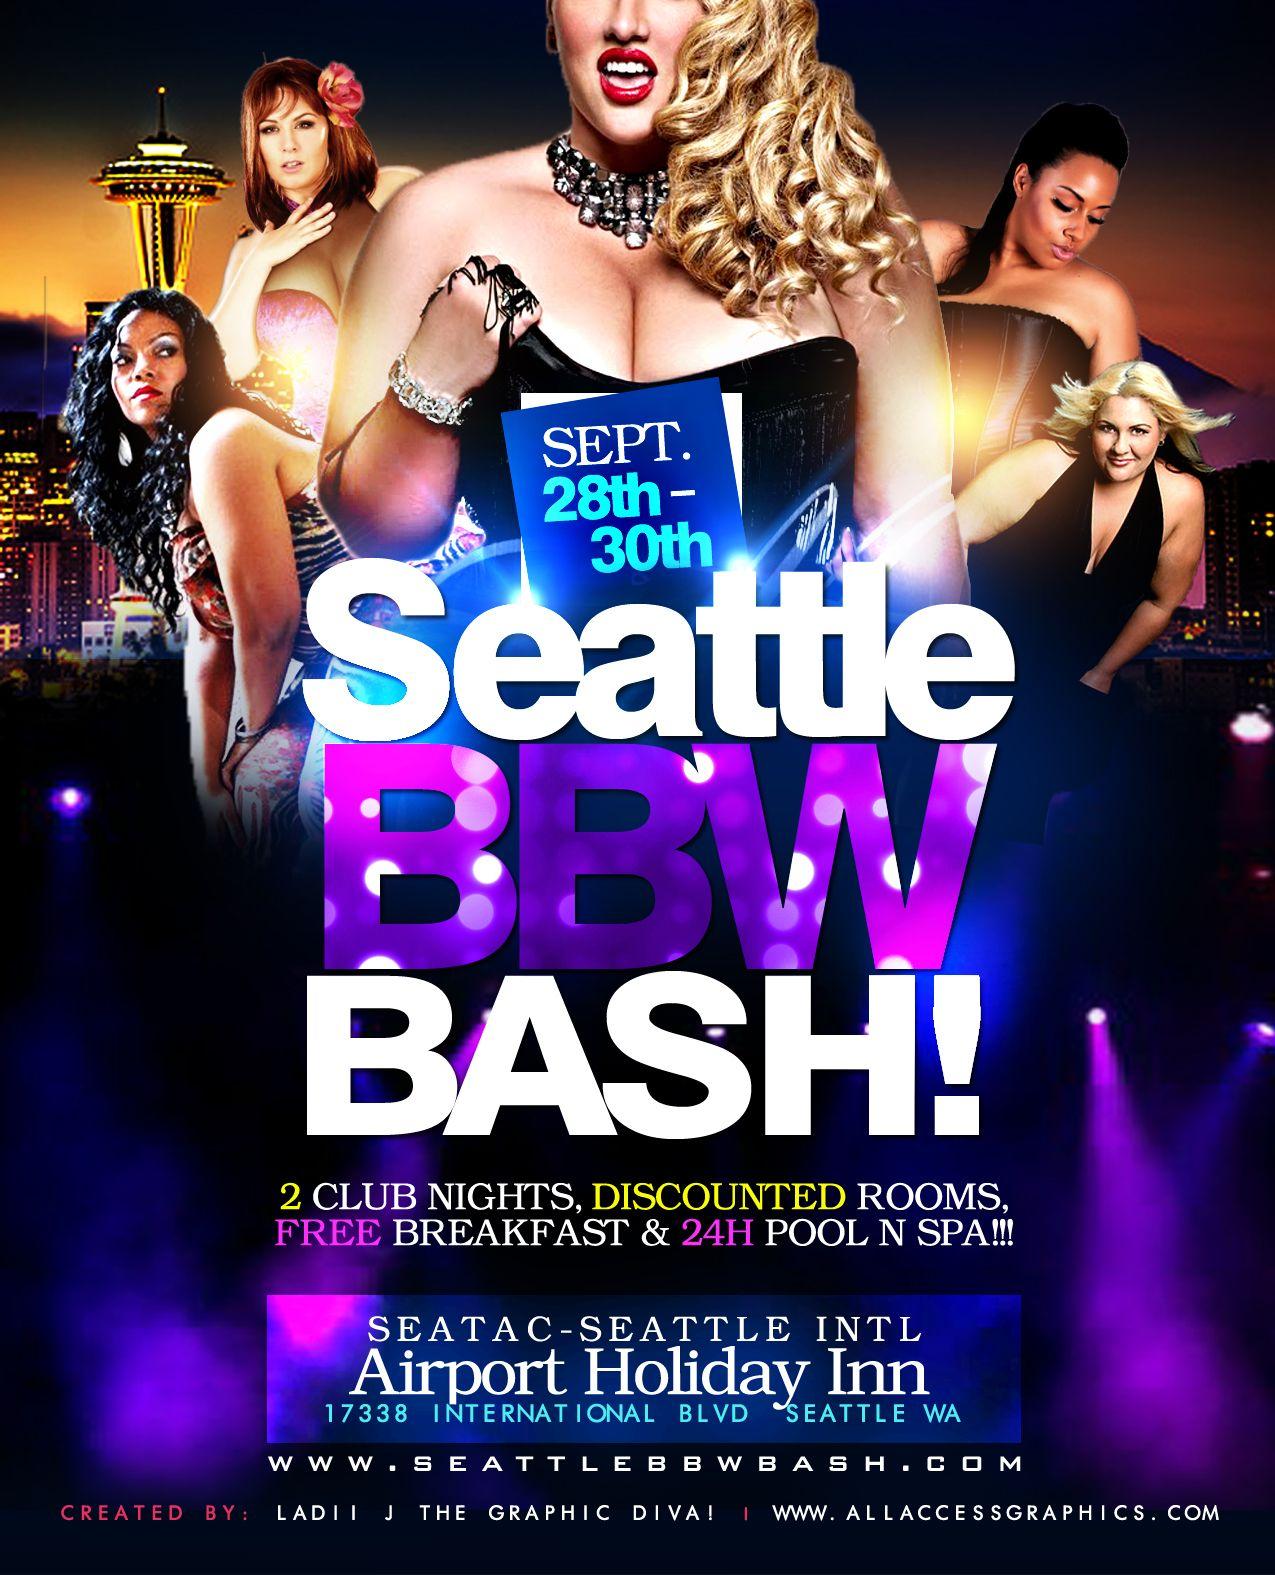 seattle bbw bash - xlencebbw | bbw events | pinterest | september 28